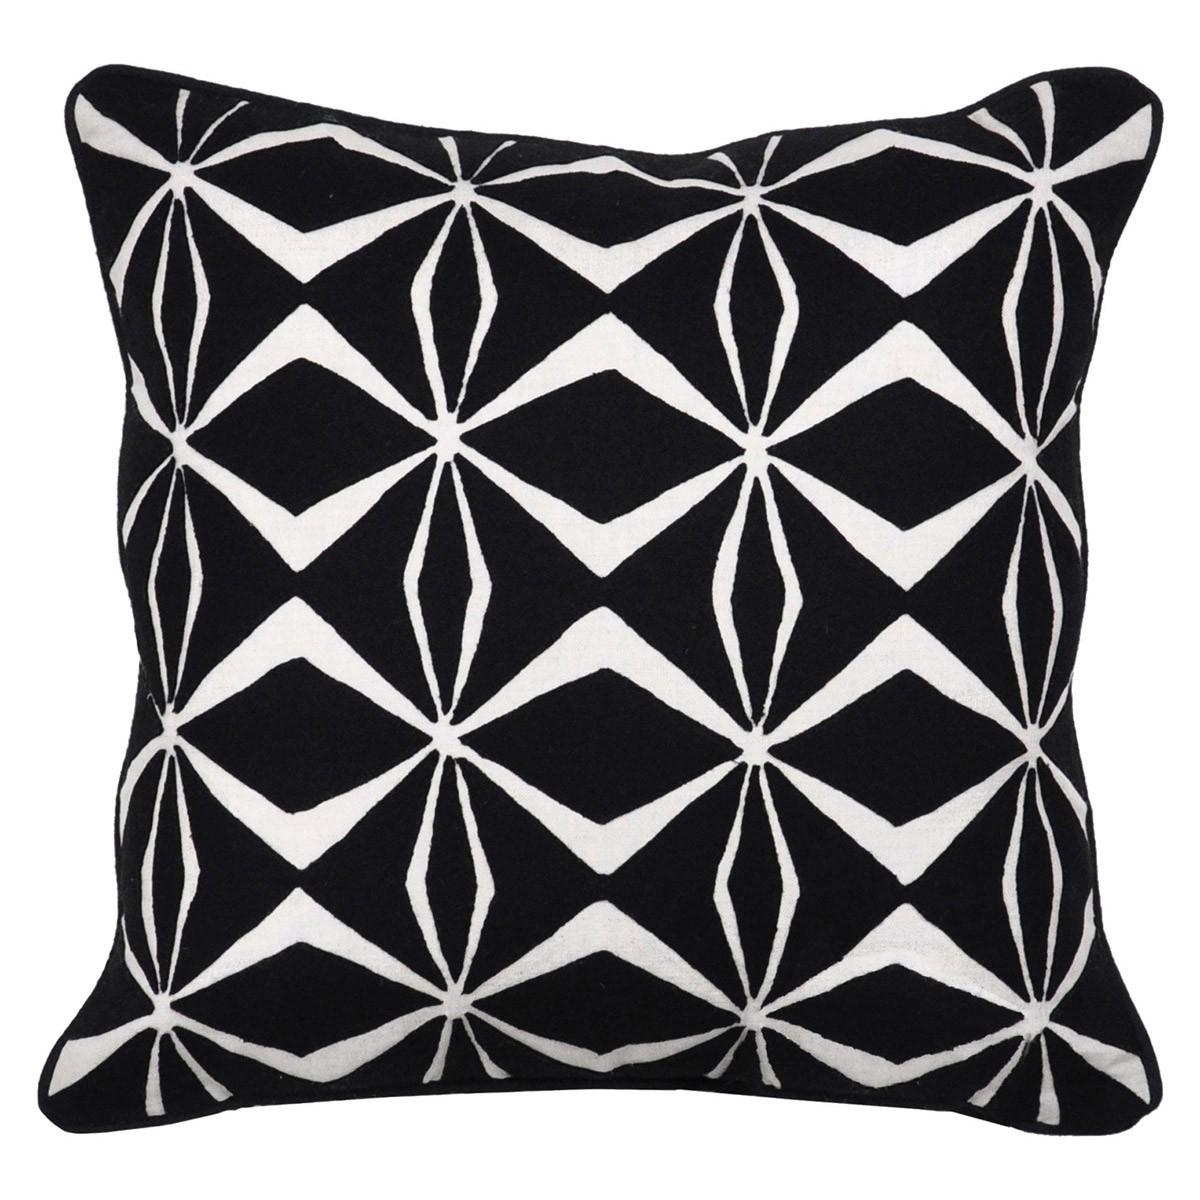 Davenport Pillow